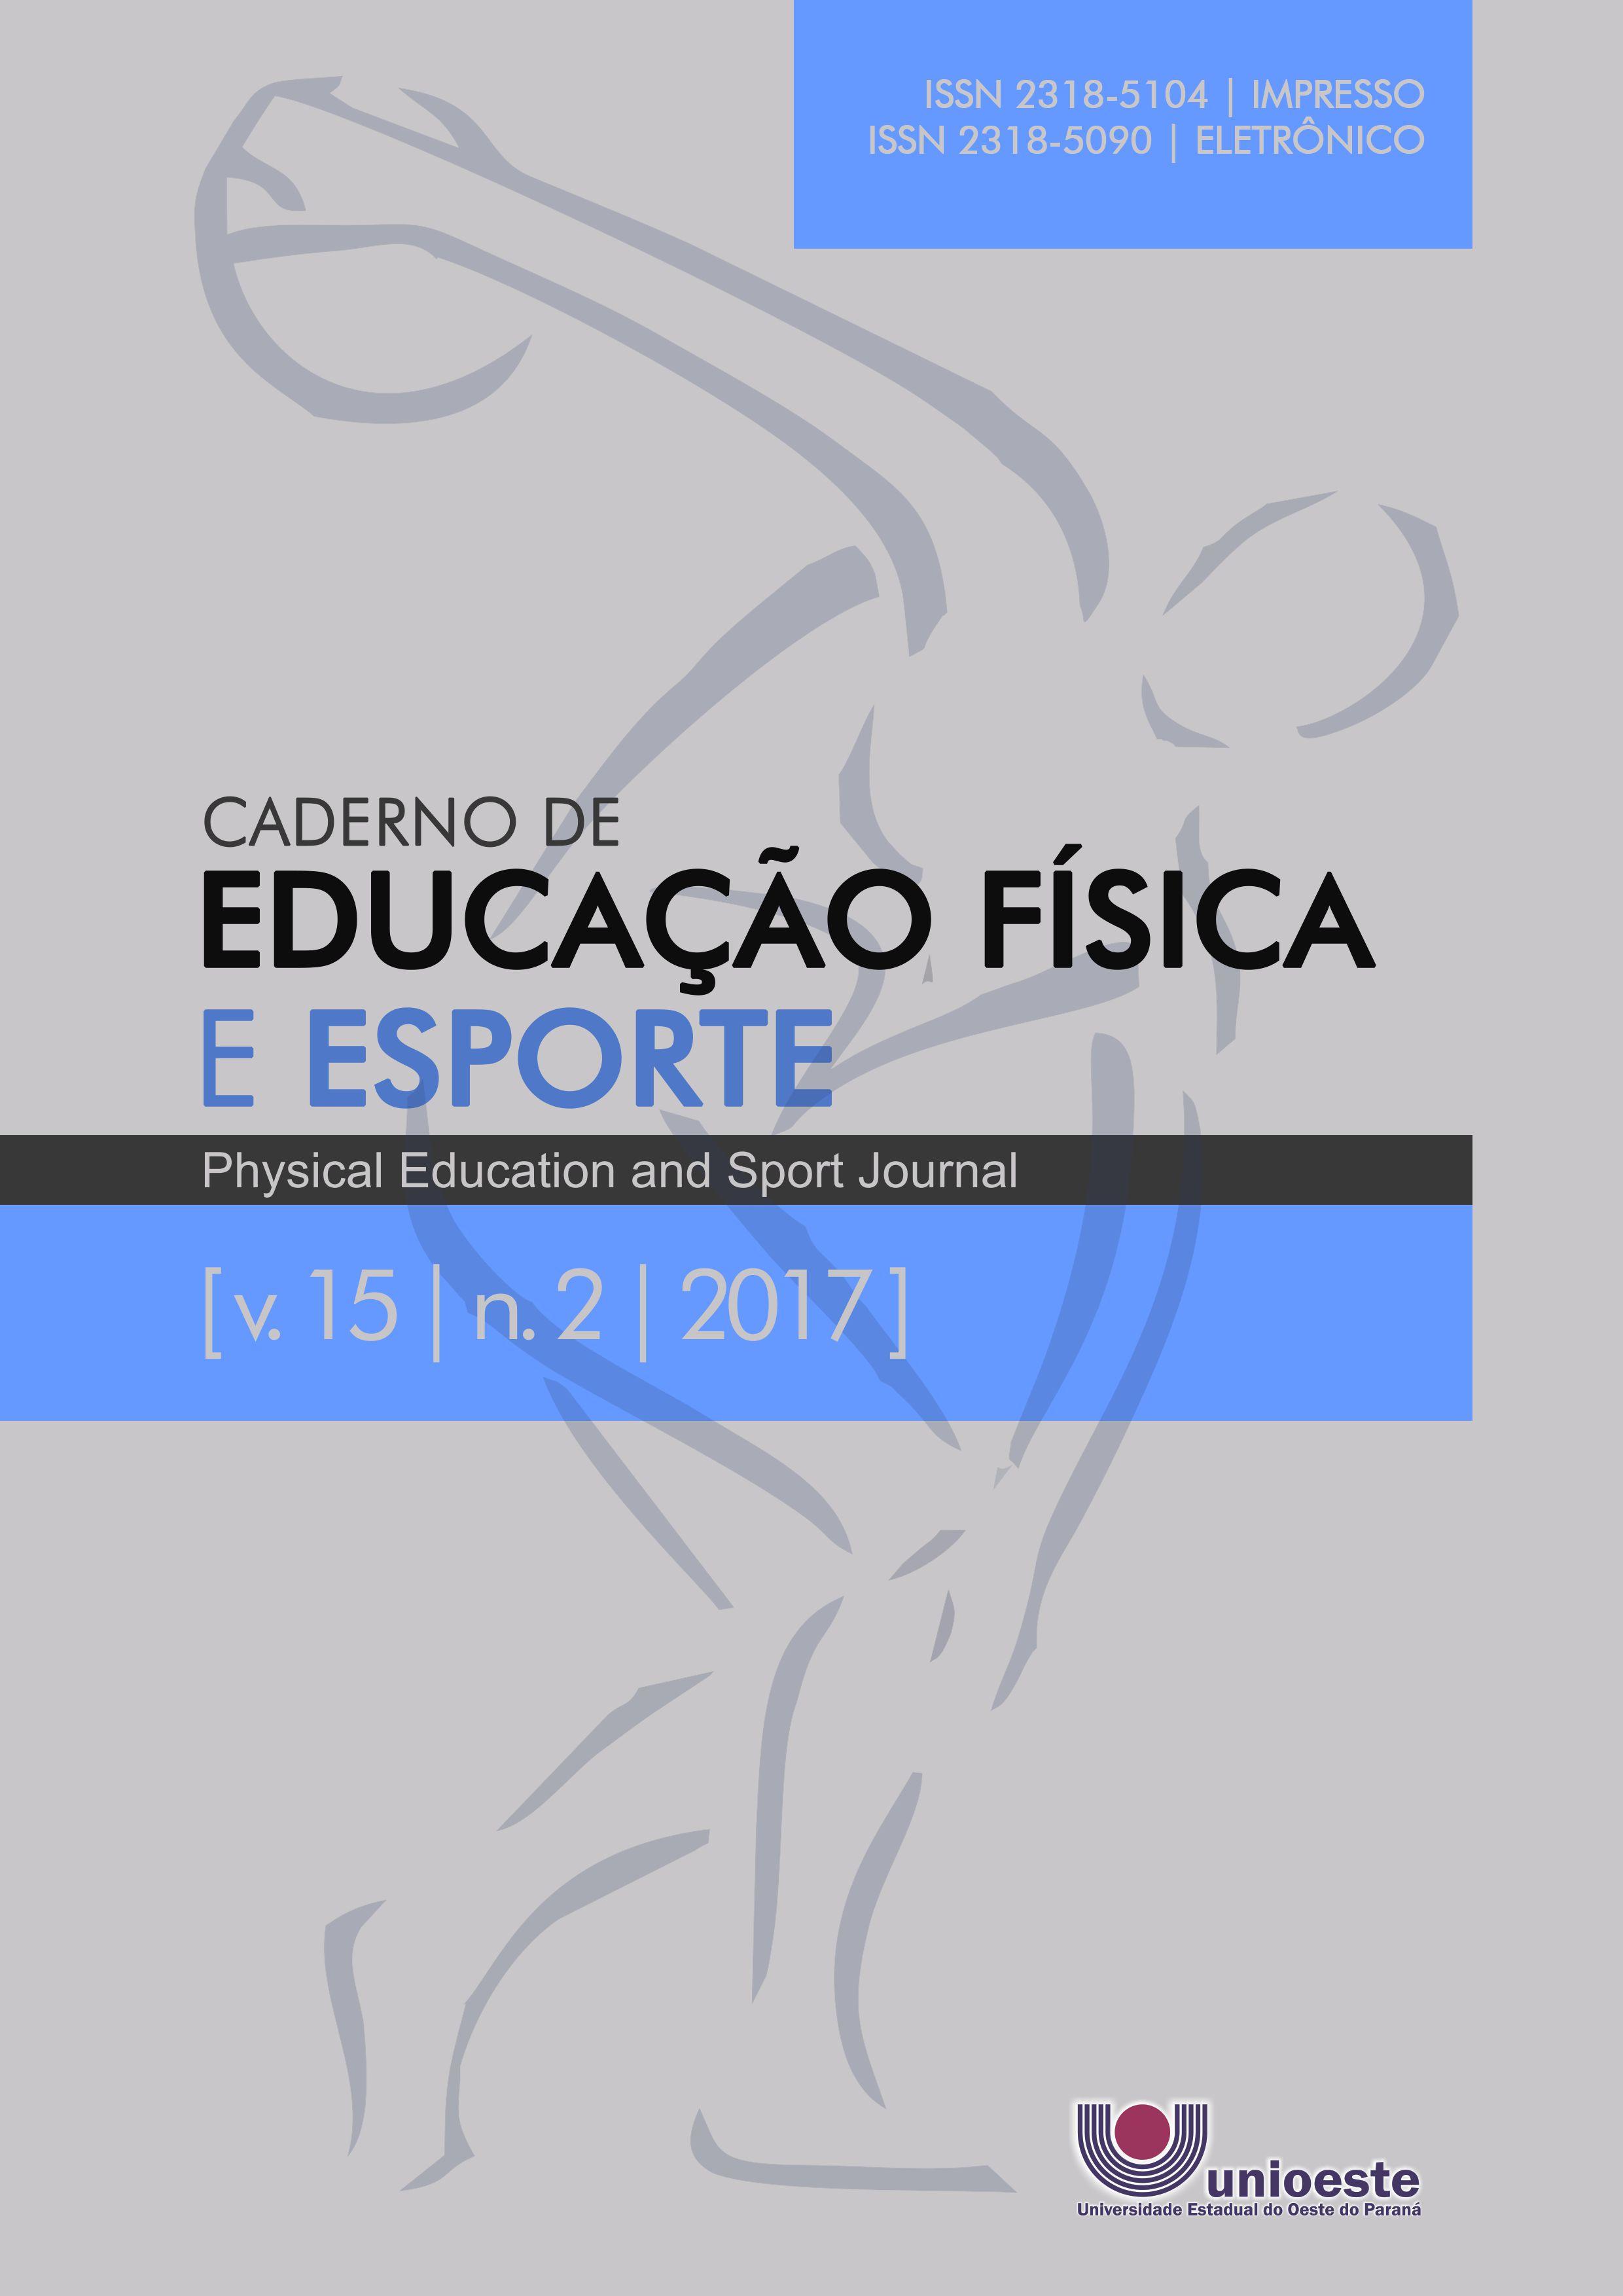 Visualizar v. 15 n. 2 (2017): Caderno de Educação Física e Esporte